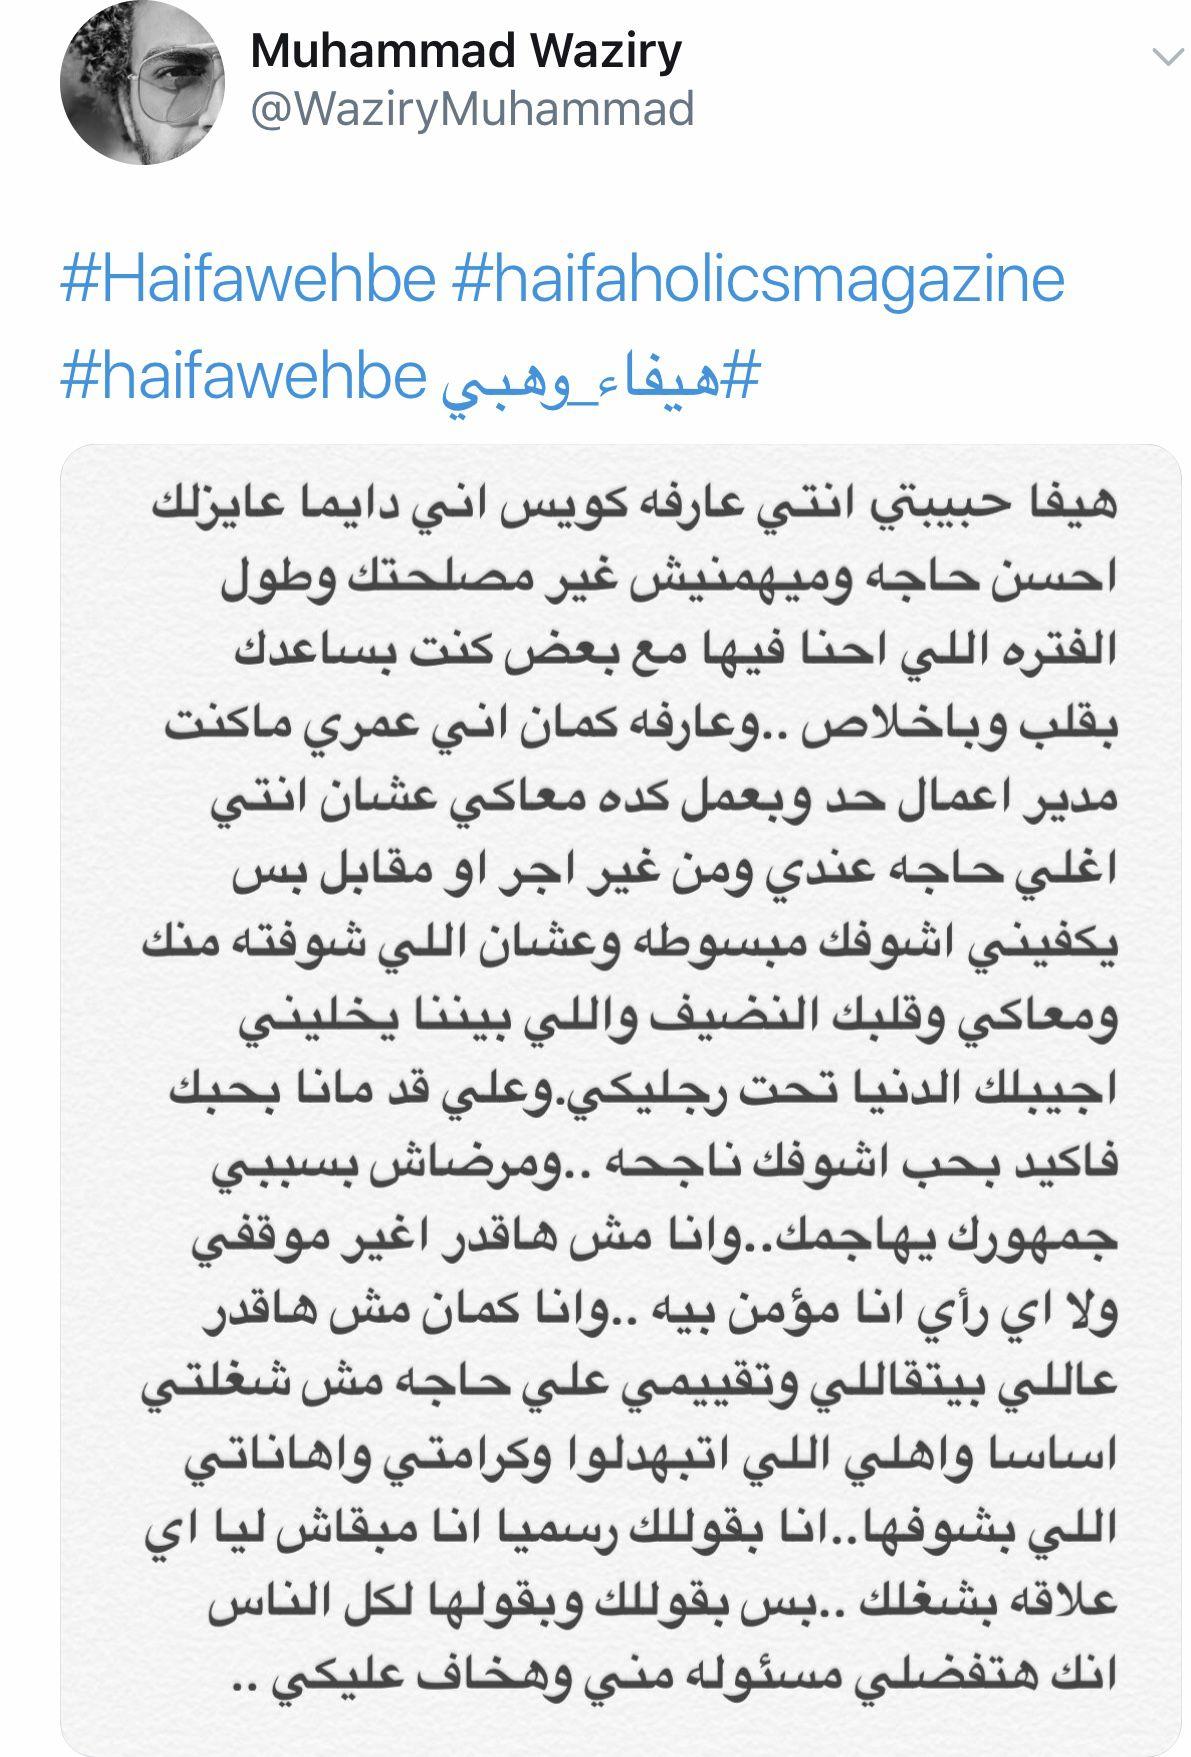 محمد وزيري يترك ادارة أعمال هيفا